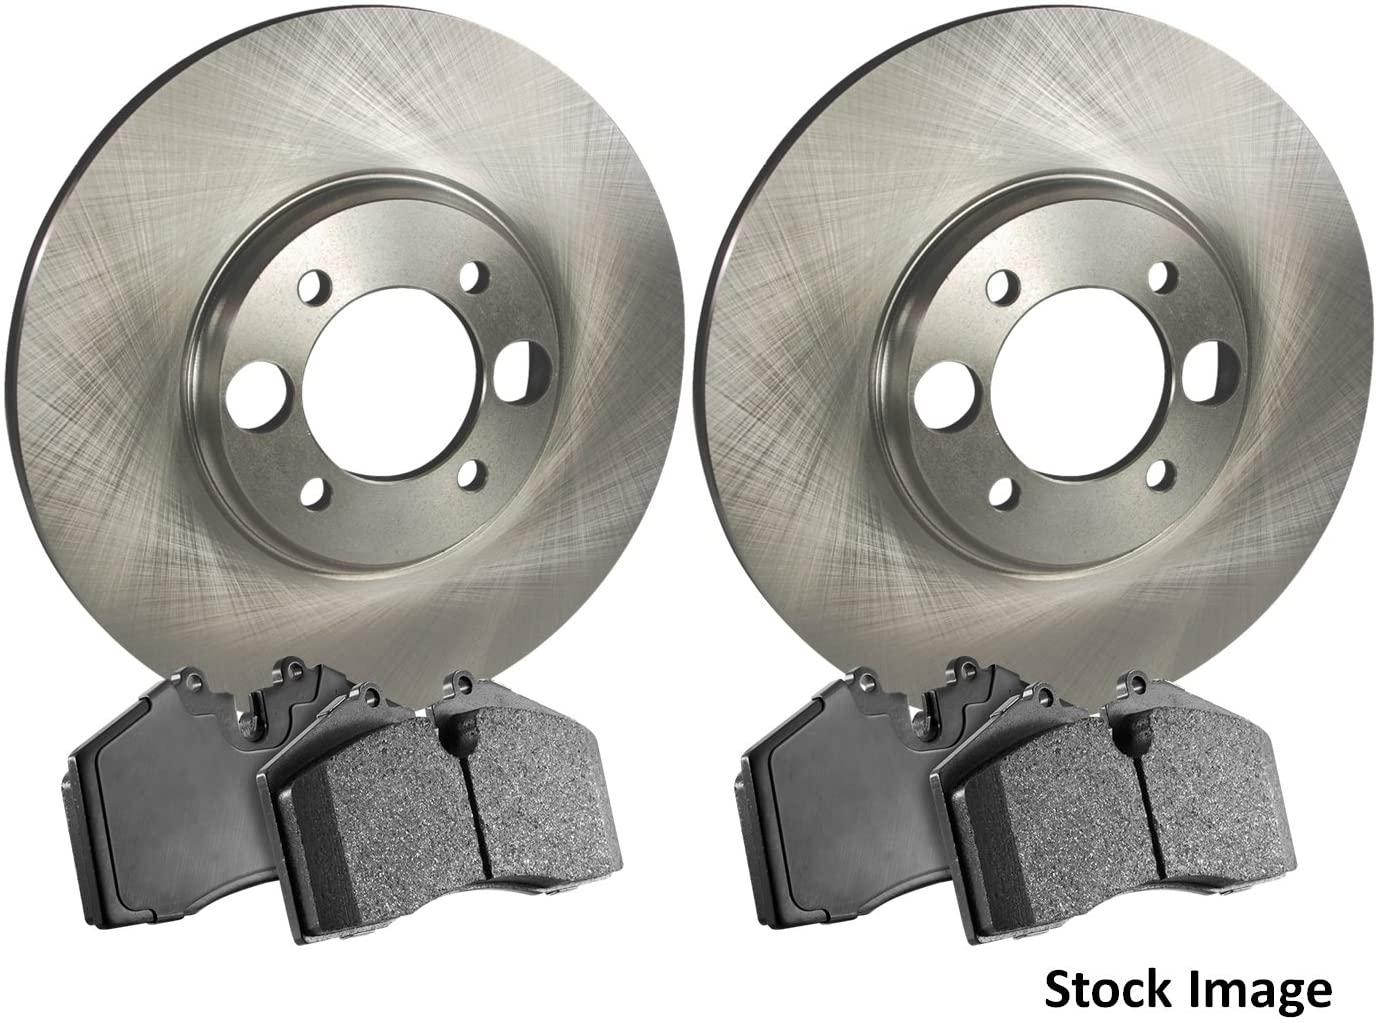 Stirling - 1997 For Mazda MX-6 Front Disc Brake Rotors and Ceramic Brake Pads